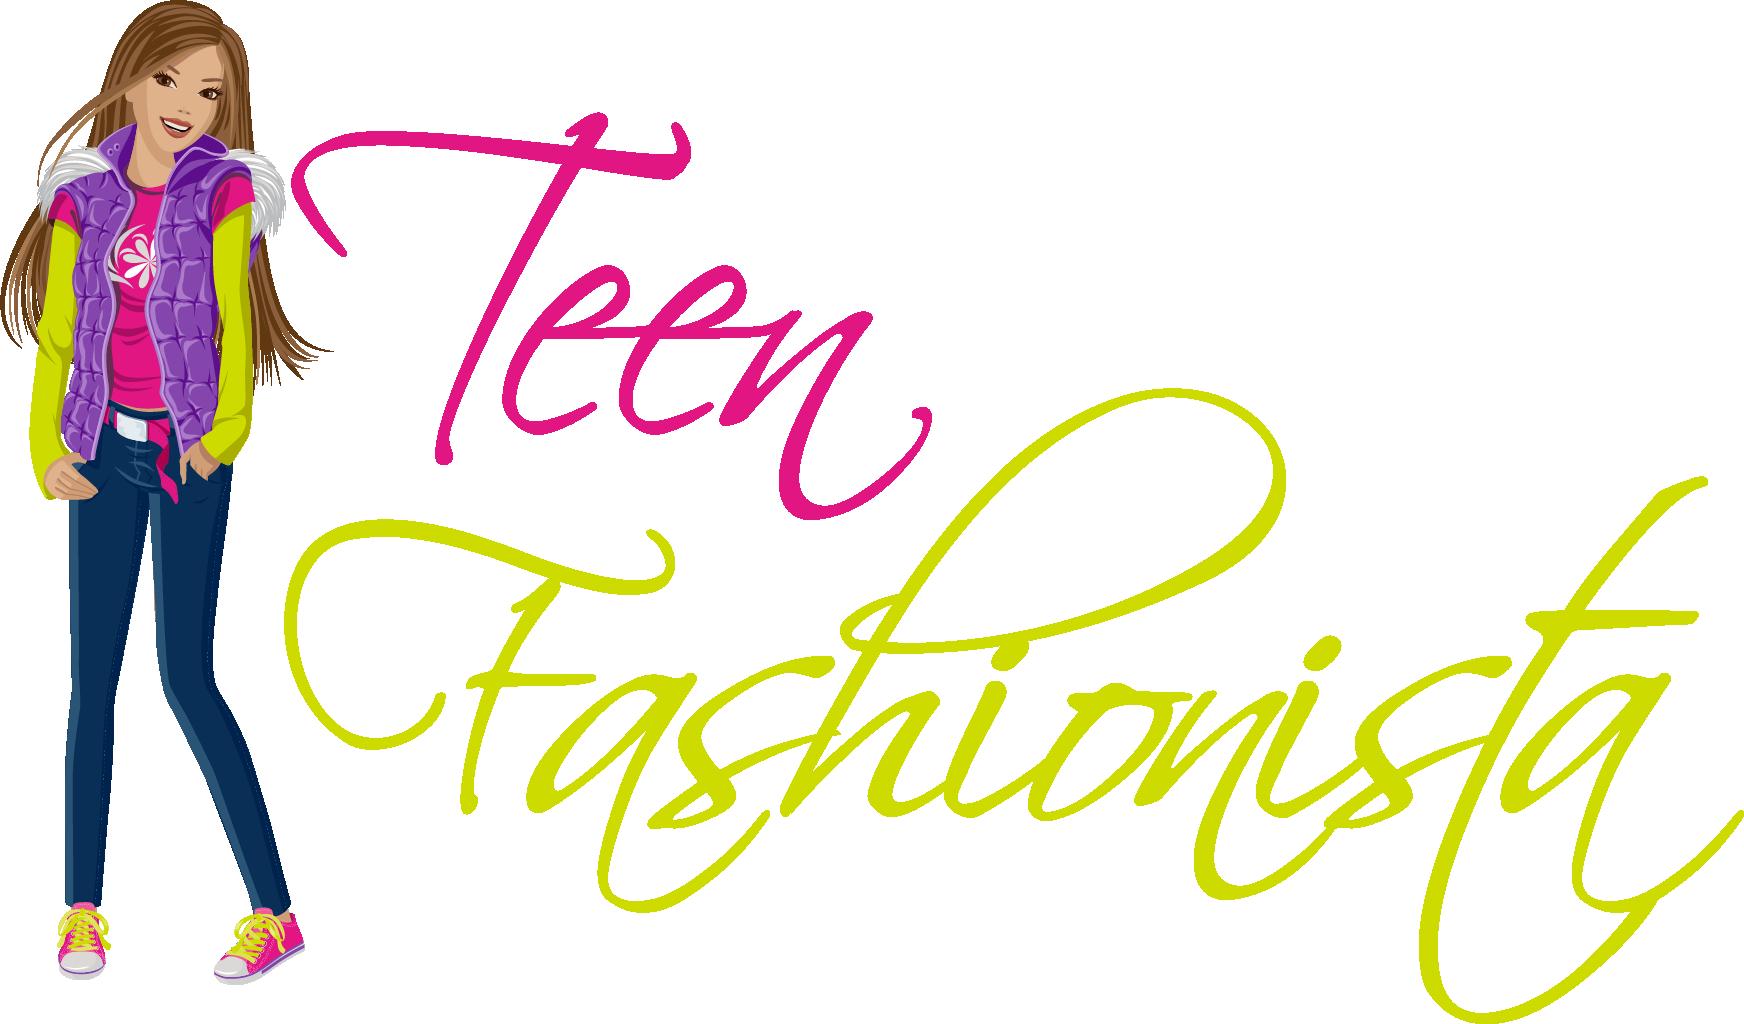 TeenFashionista